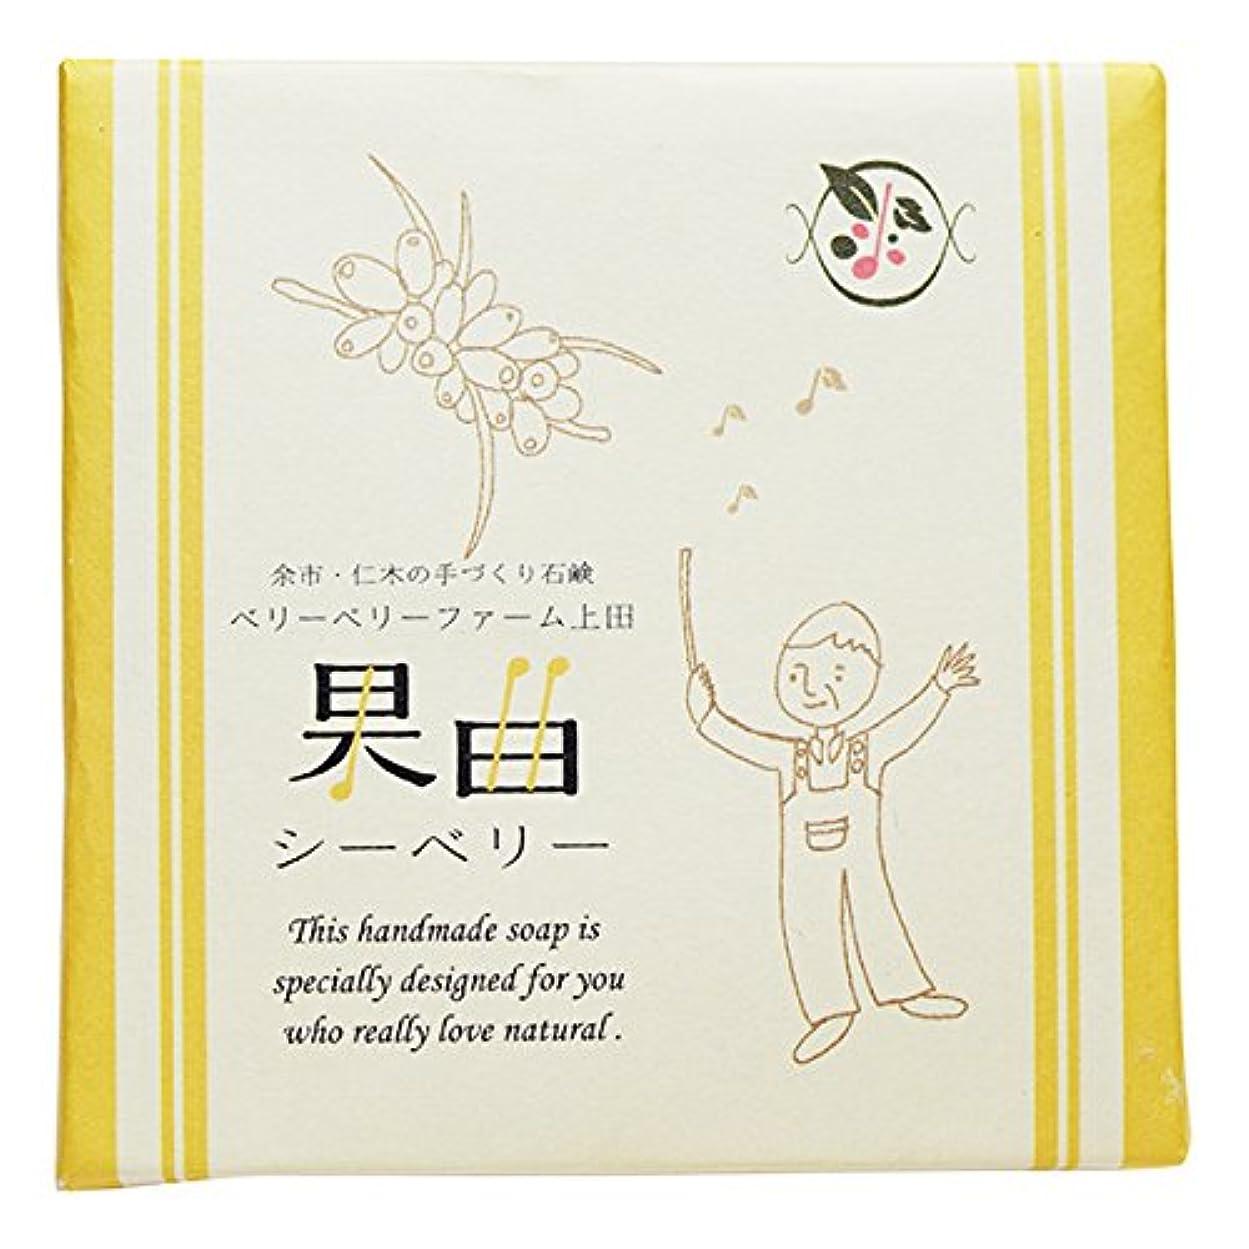 インセンティブ彼はわずらわしい余市町仁木のベリーベリーファーム上田との共同開発 果曲(シーベリー)純練り石鹸